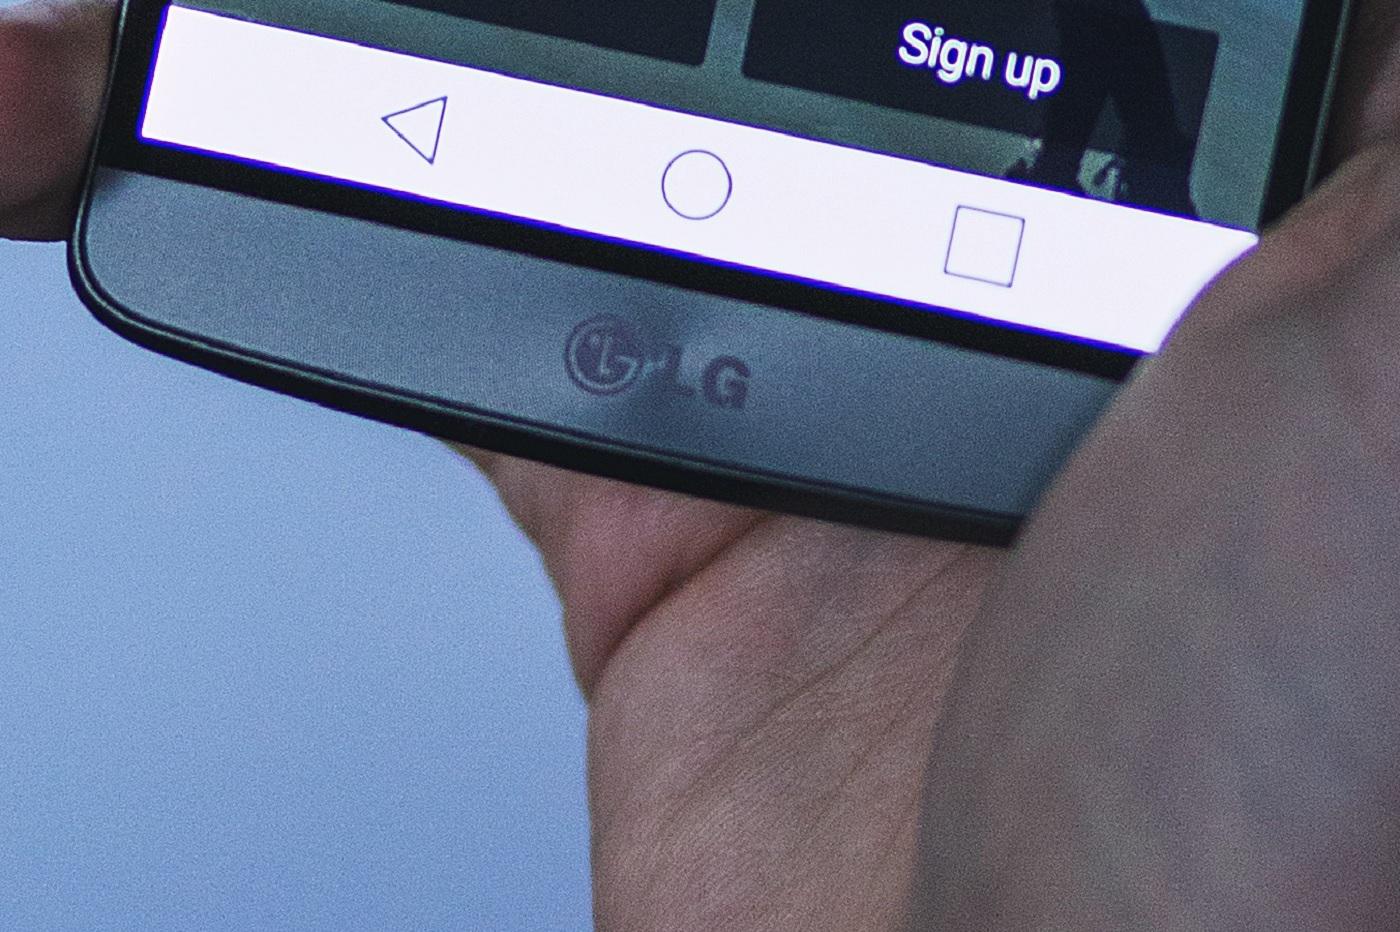 MWC 2019 : LG lancerait un smartphone avec un second écran détachable (mais pas pliable)